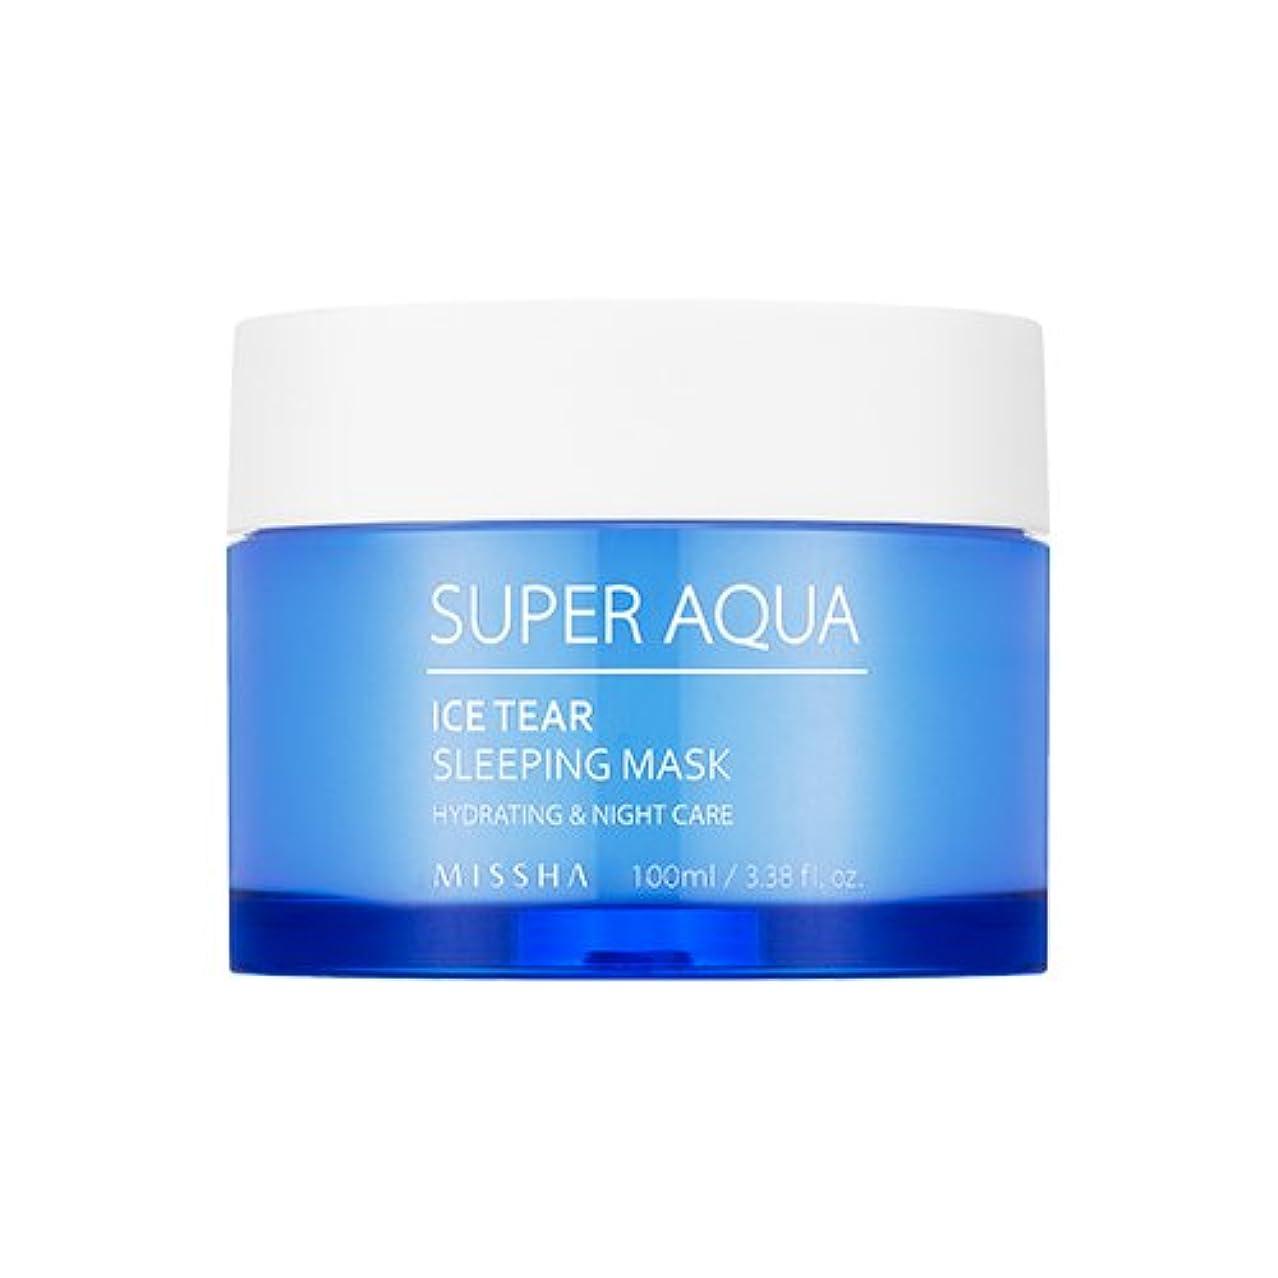 収まる冗談で哲学MISSHA Super Aqua Ice Tear Sleeping Mask 100ml / ミシャ スーパーアクア アイスティアスリーピングマスク [並行輸入品]